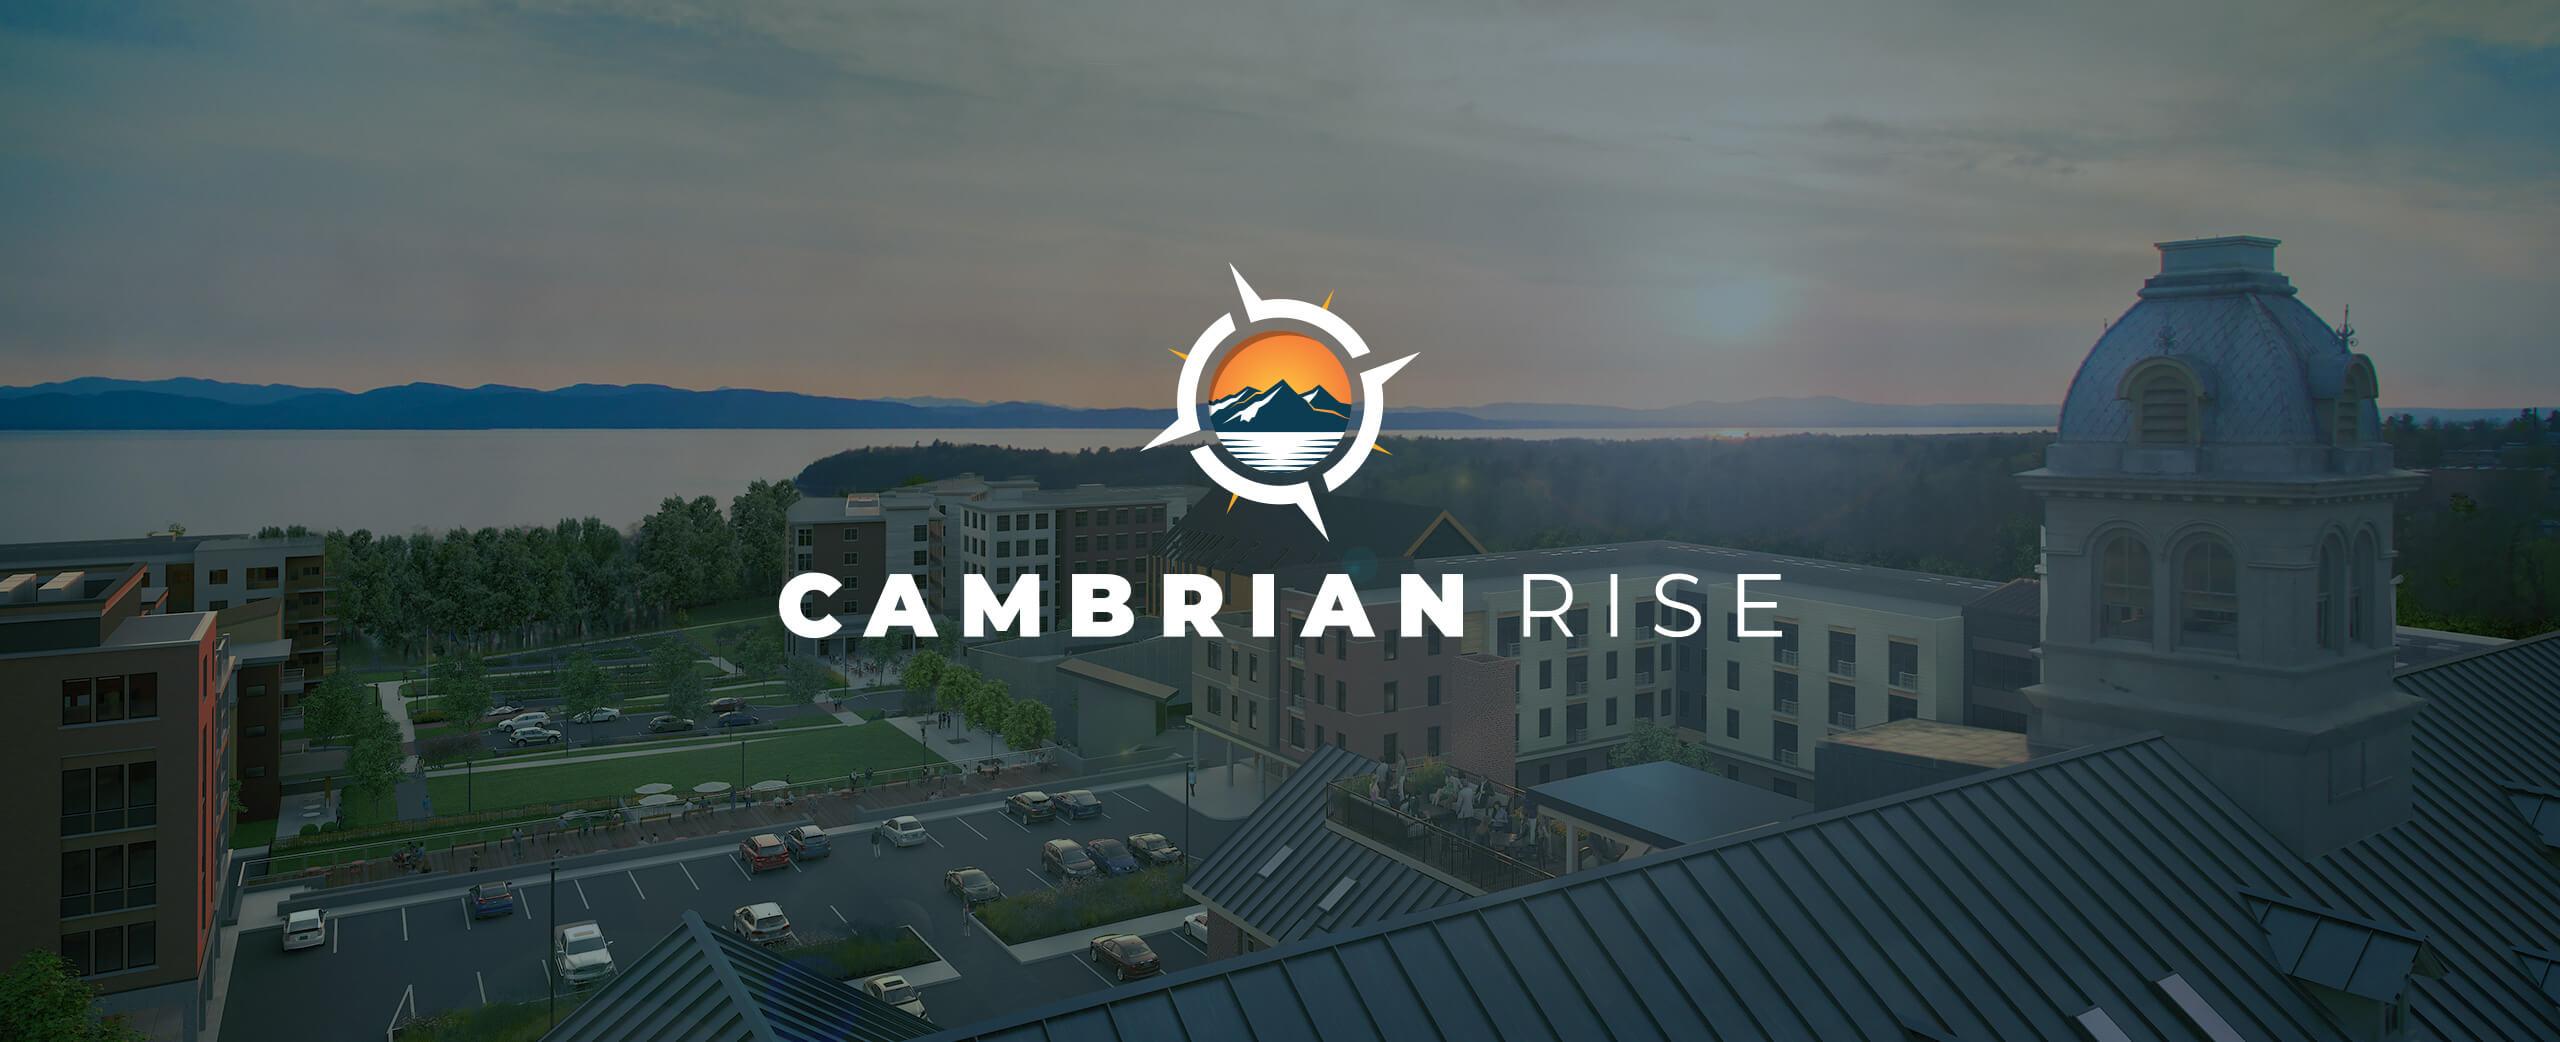 dmg-logos-cambrian-rise